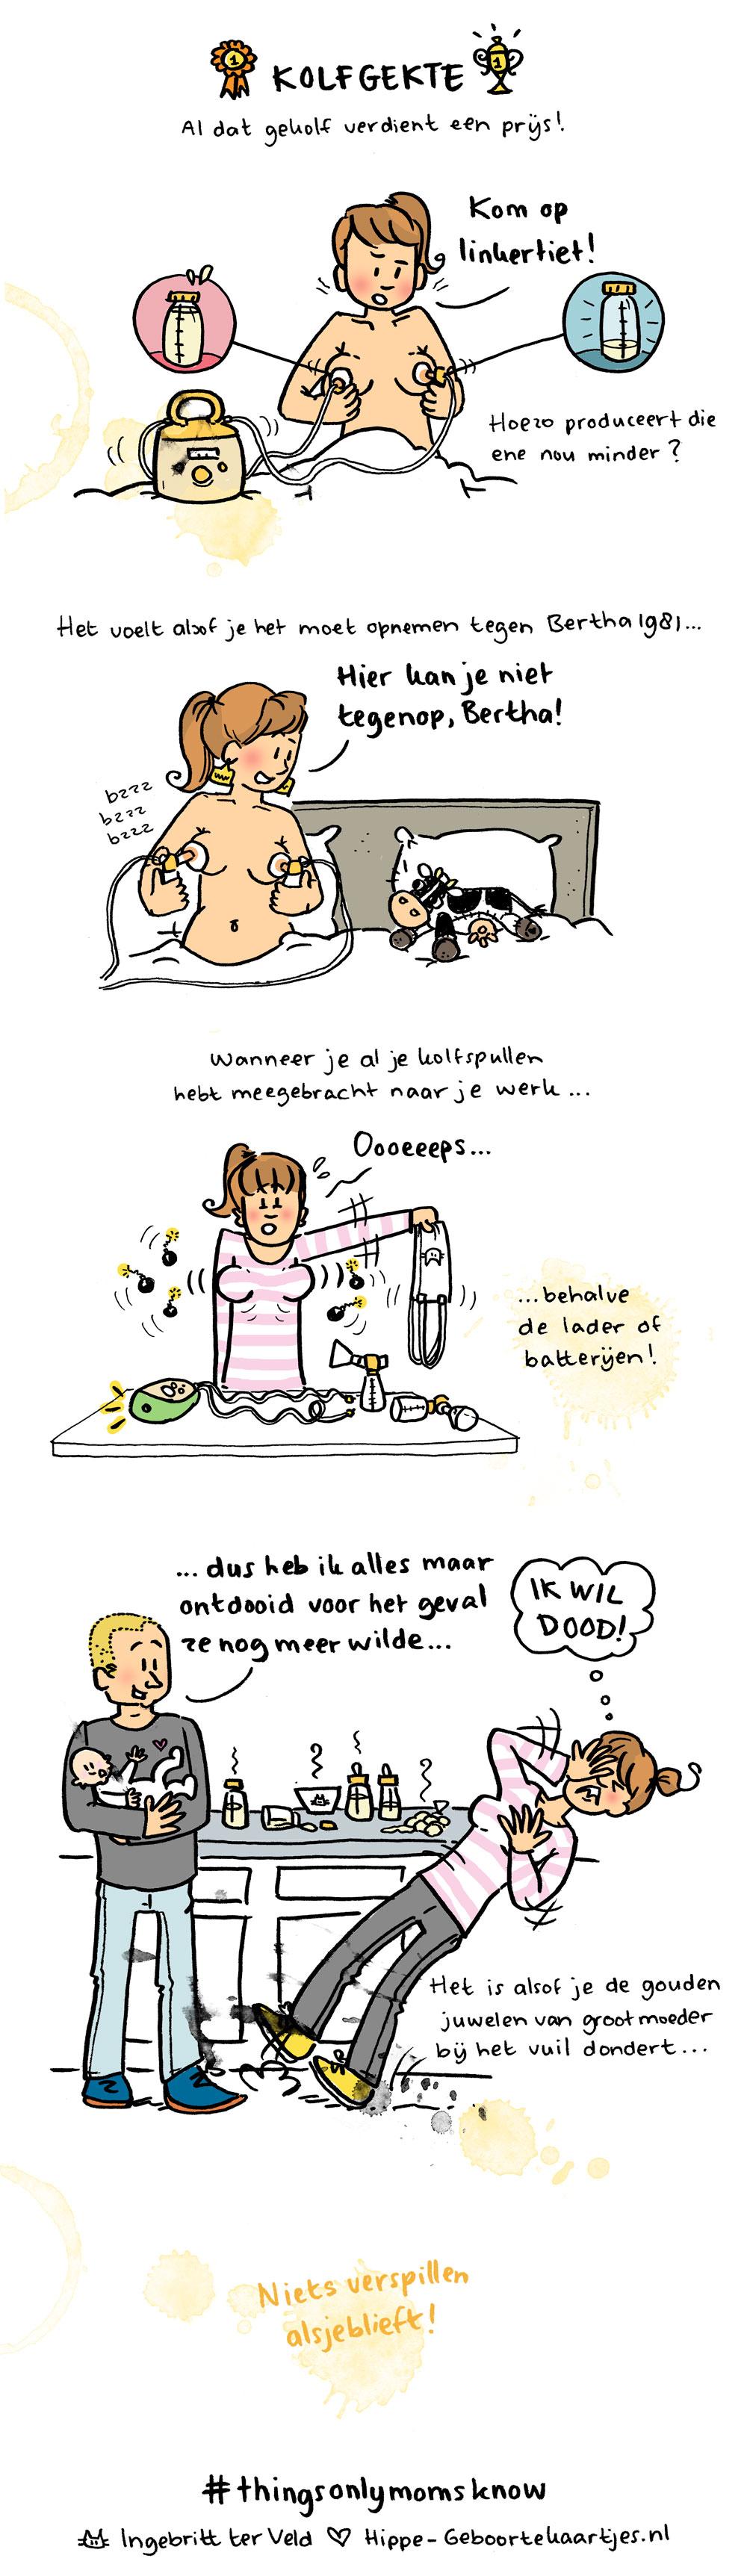 Kolfgekte - Deze cartoons beschrijven het moederschap